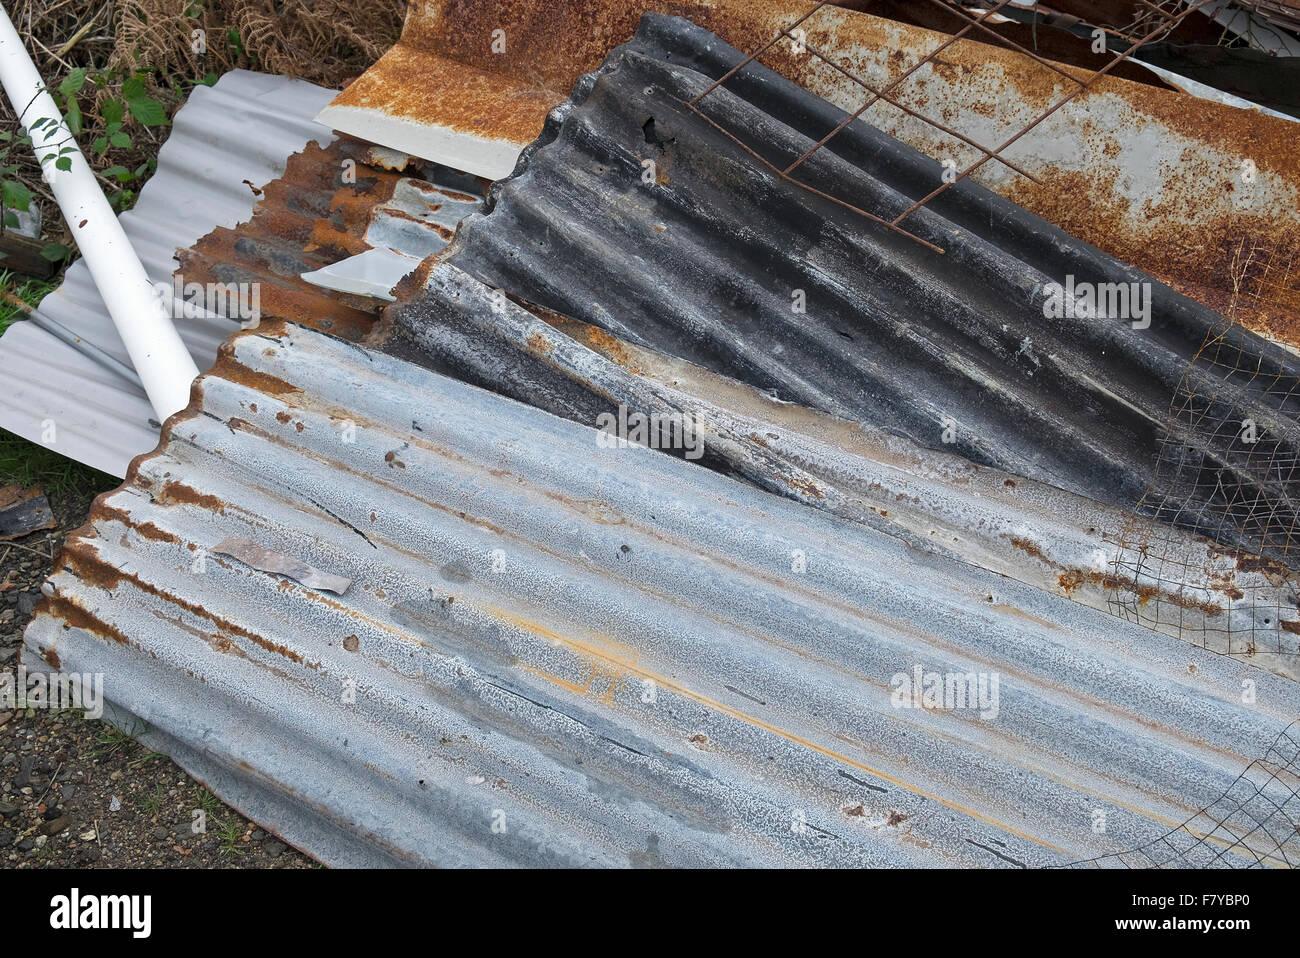 sheets of corrugated iron - Stock Image